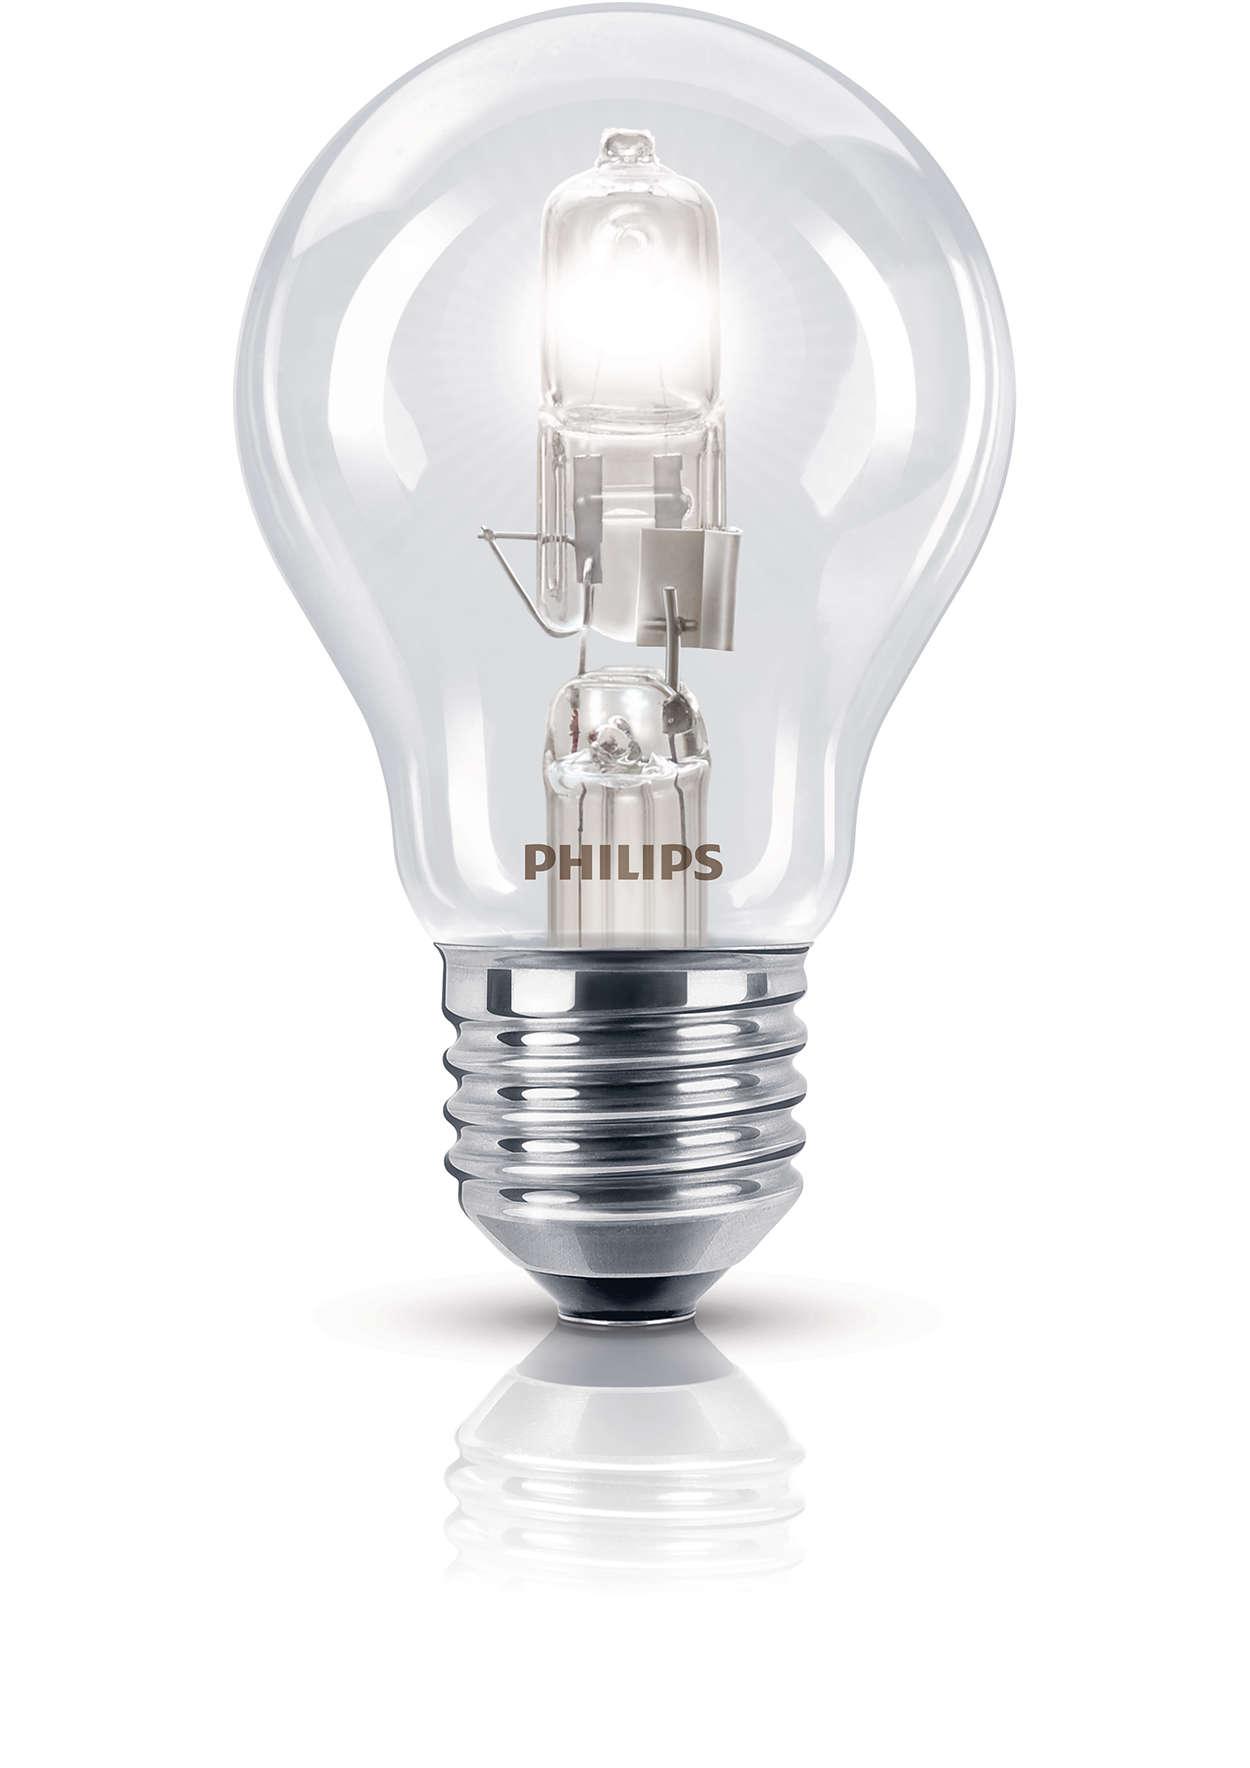 Сияющий свет галогенной лампы, выполненной в классической форме